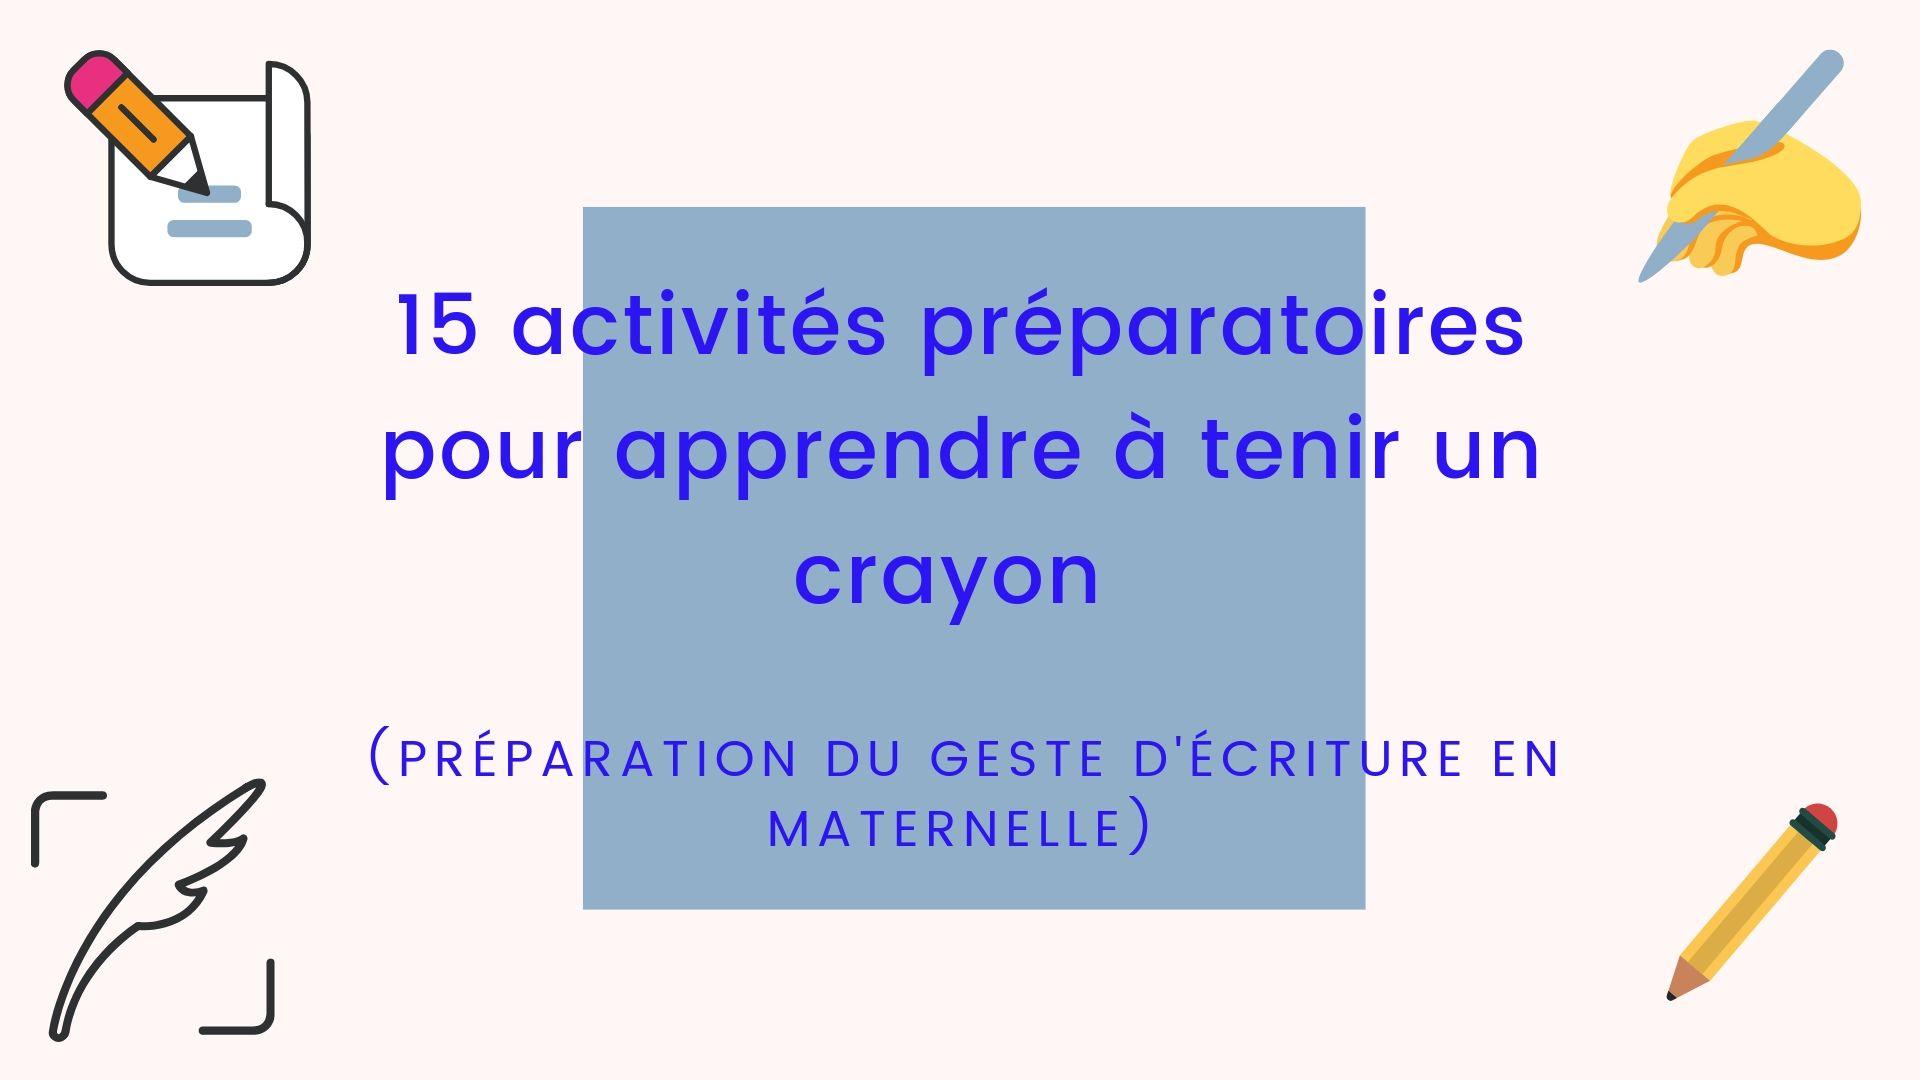 15 Activités Préparatoires Pour Apprendre À Tenir Un Crayon pour Apprendre Ecriture Maternelle